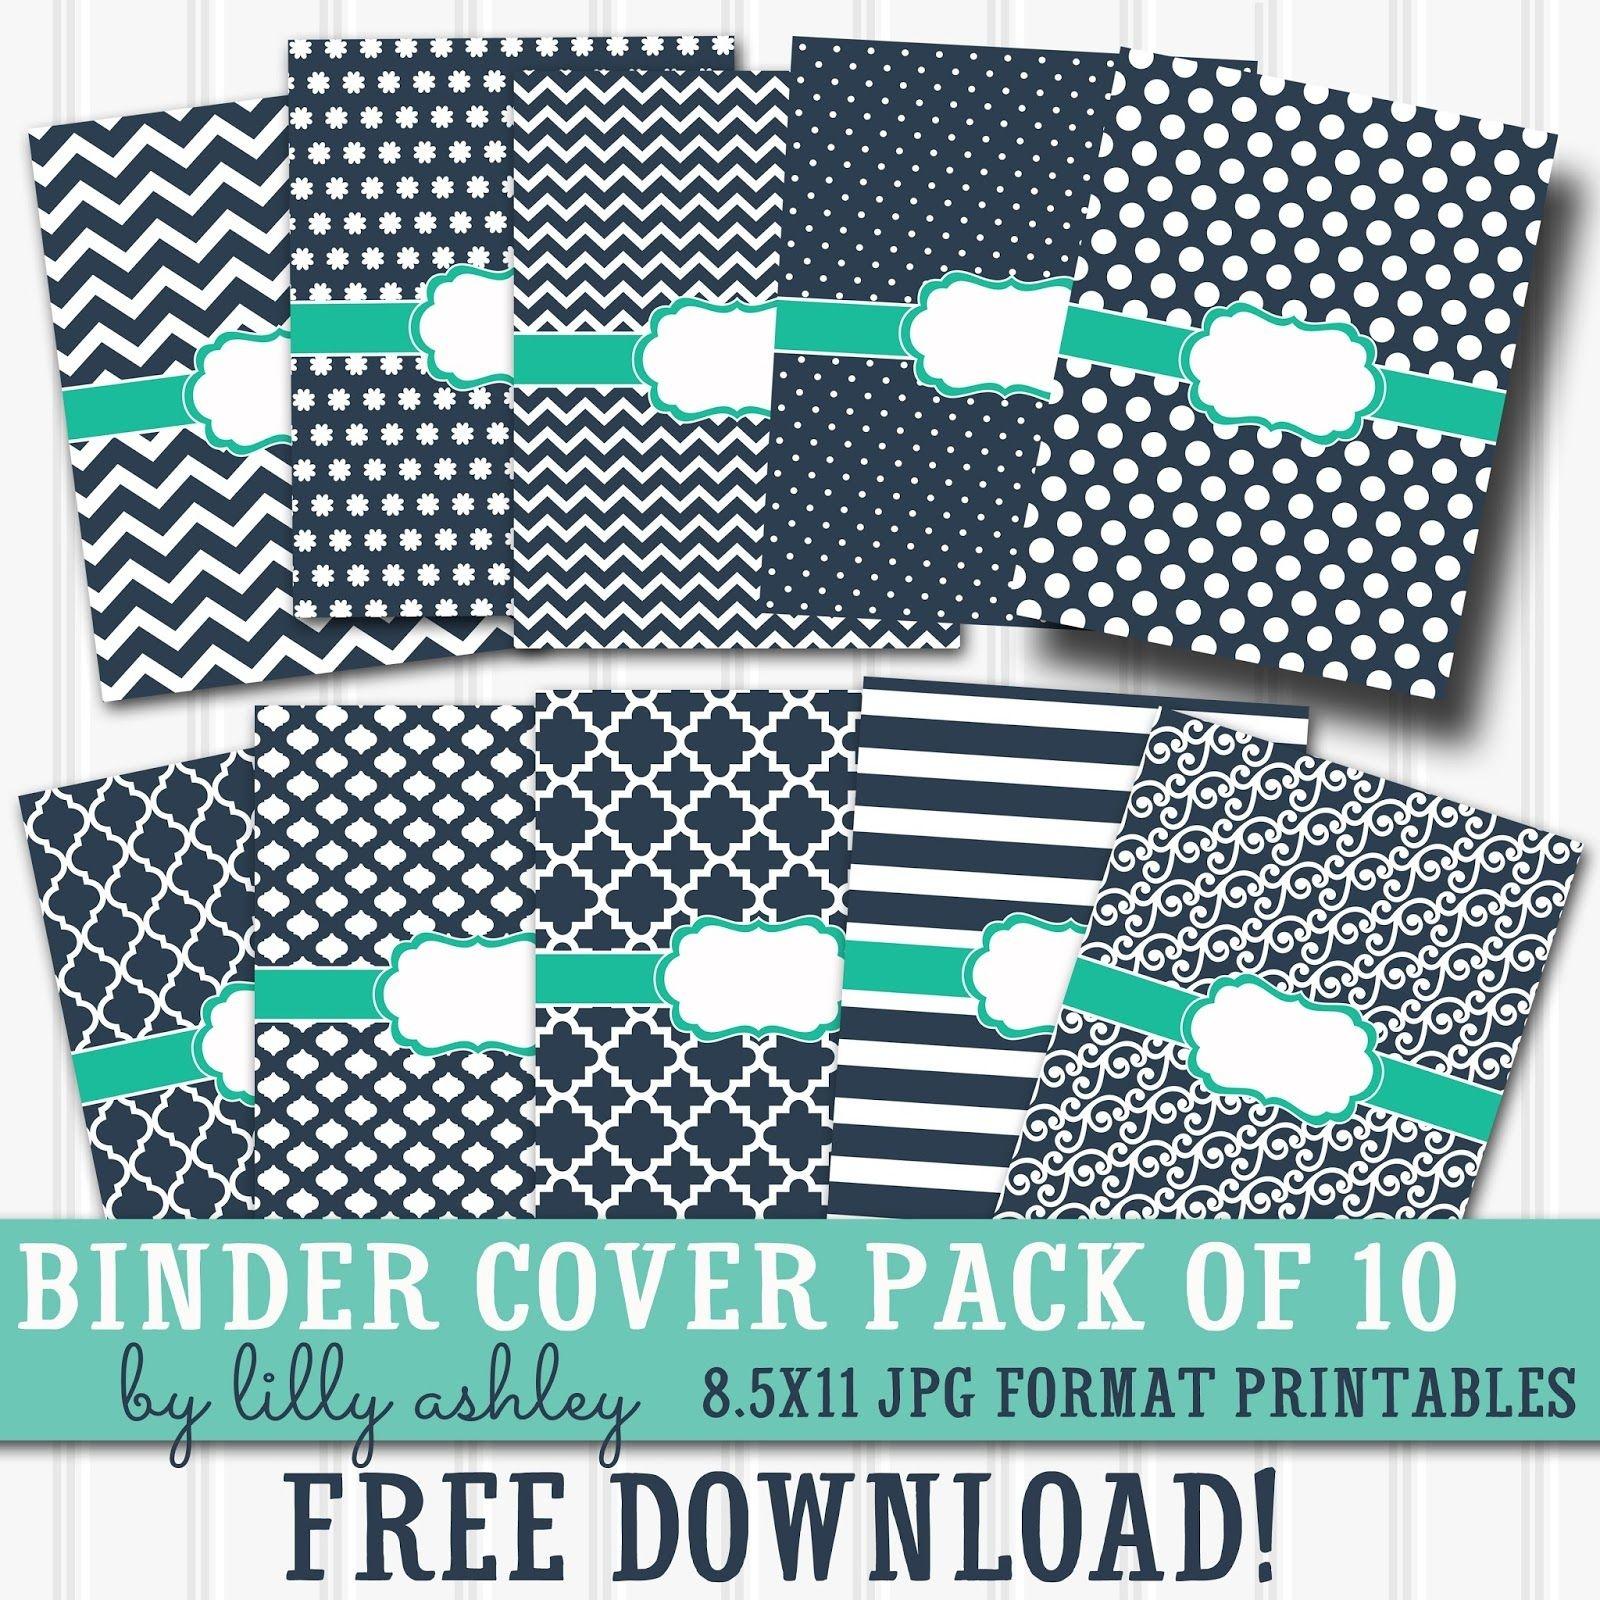 Free Printable Binder Covers Pack Of 10   Diy School Supplies - Free Printable Binder Covers